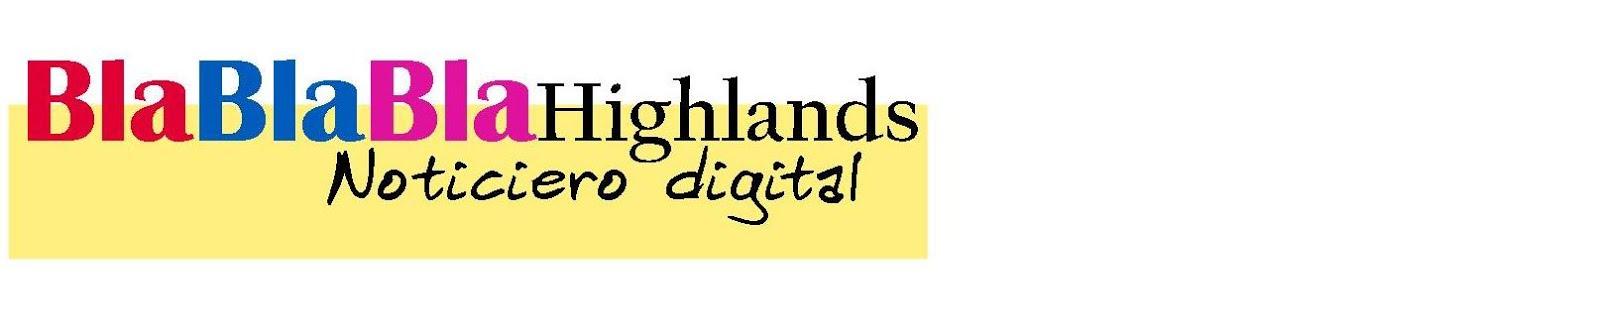 BlaBlaBla Highlands_Noticiero Digital.